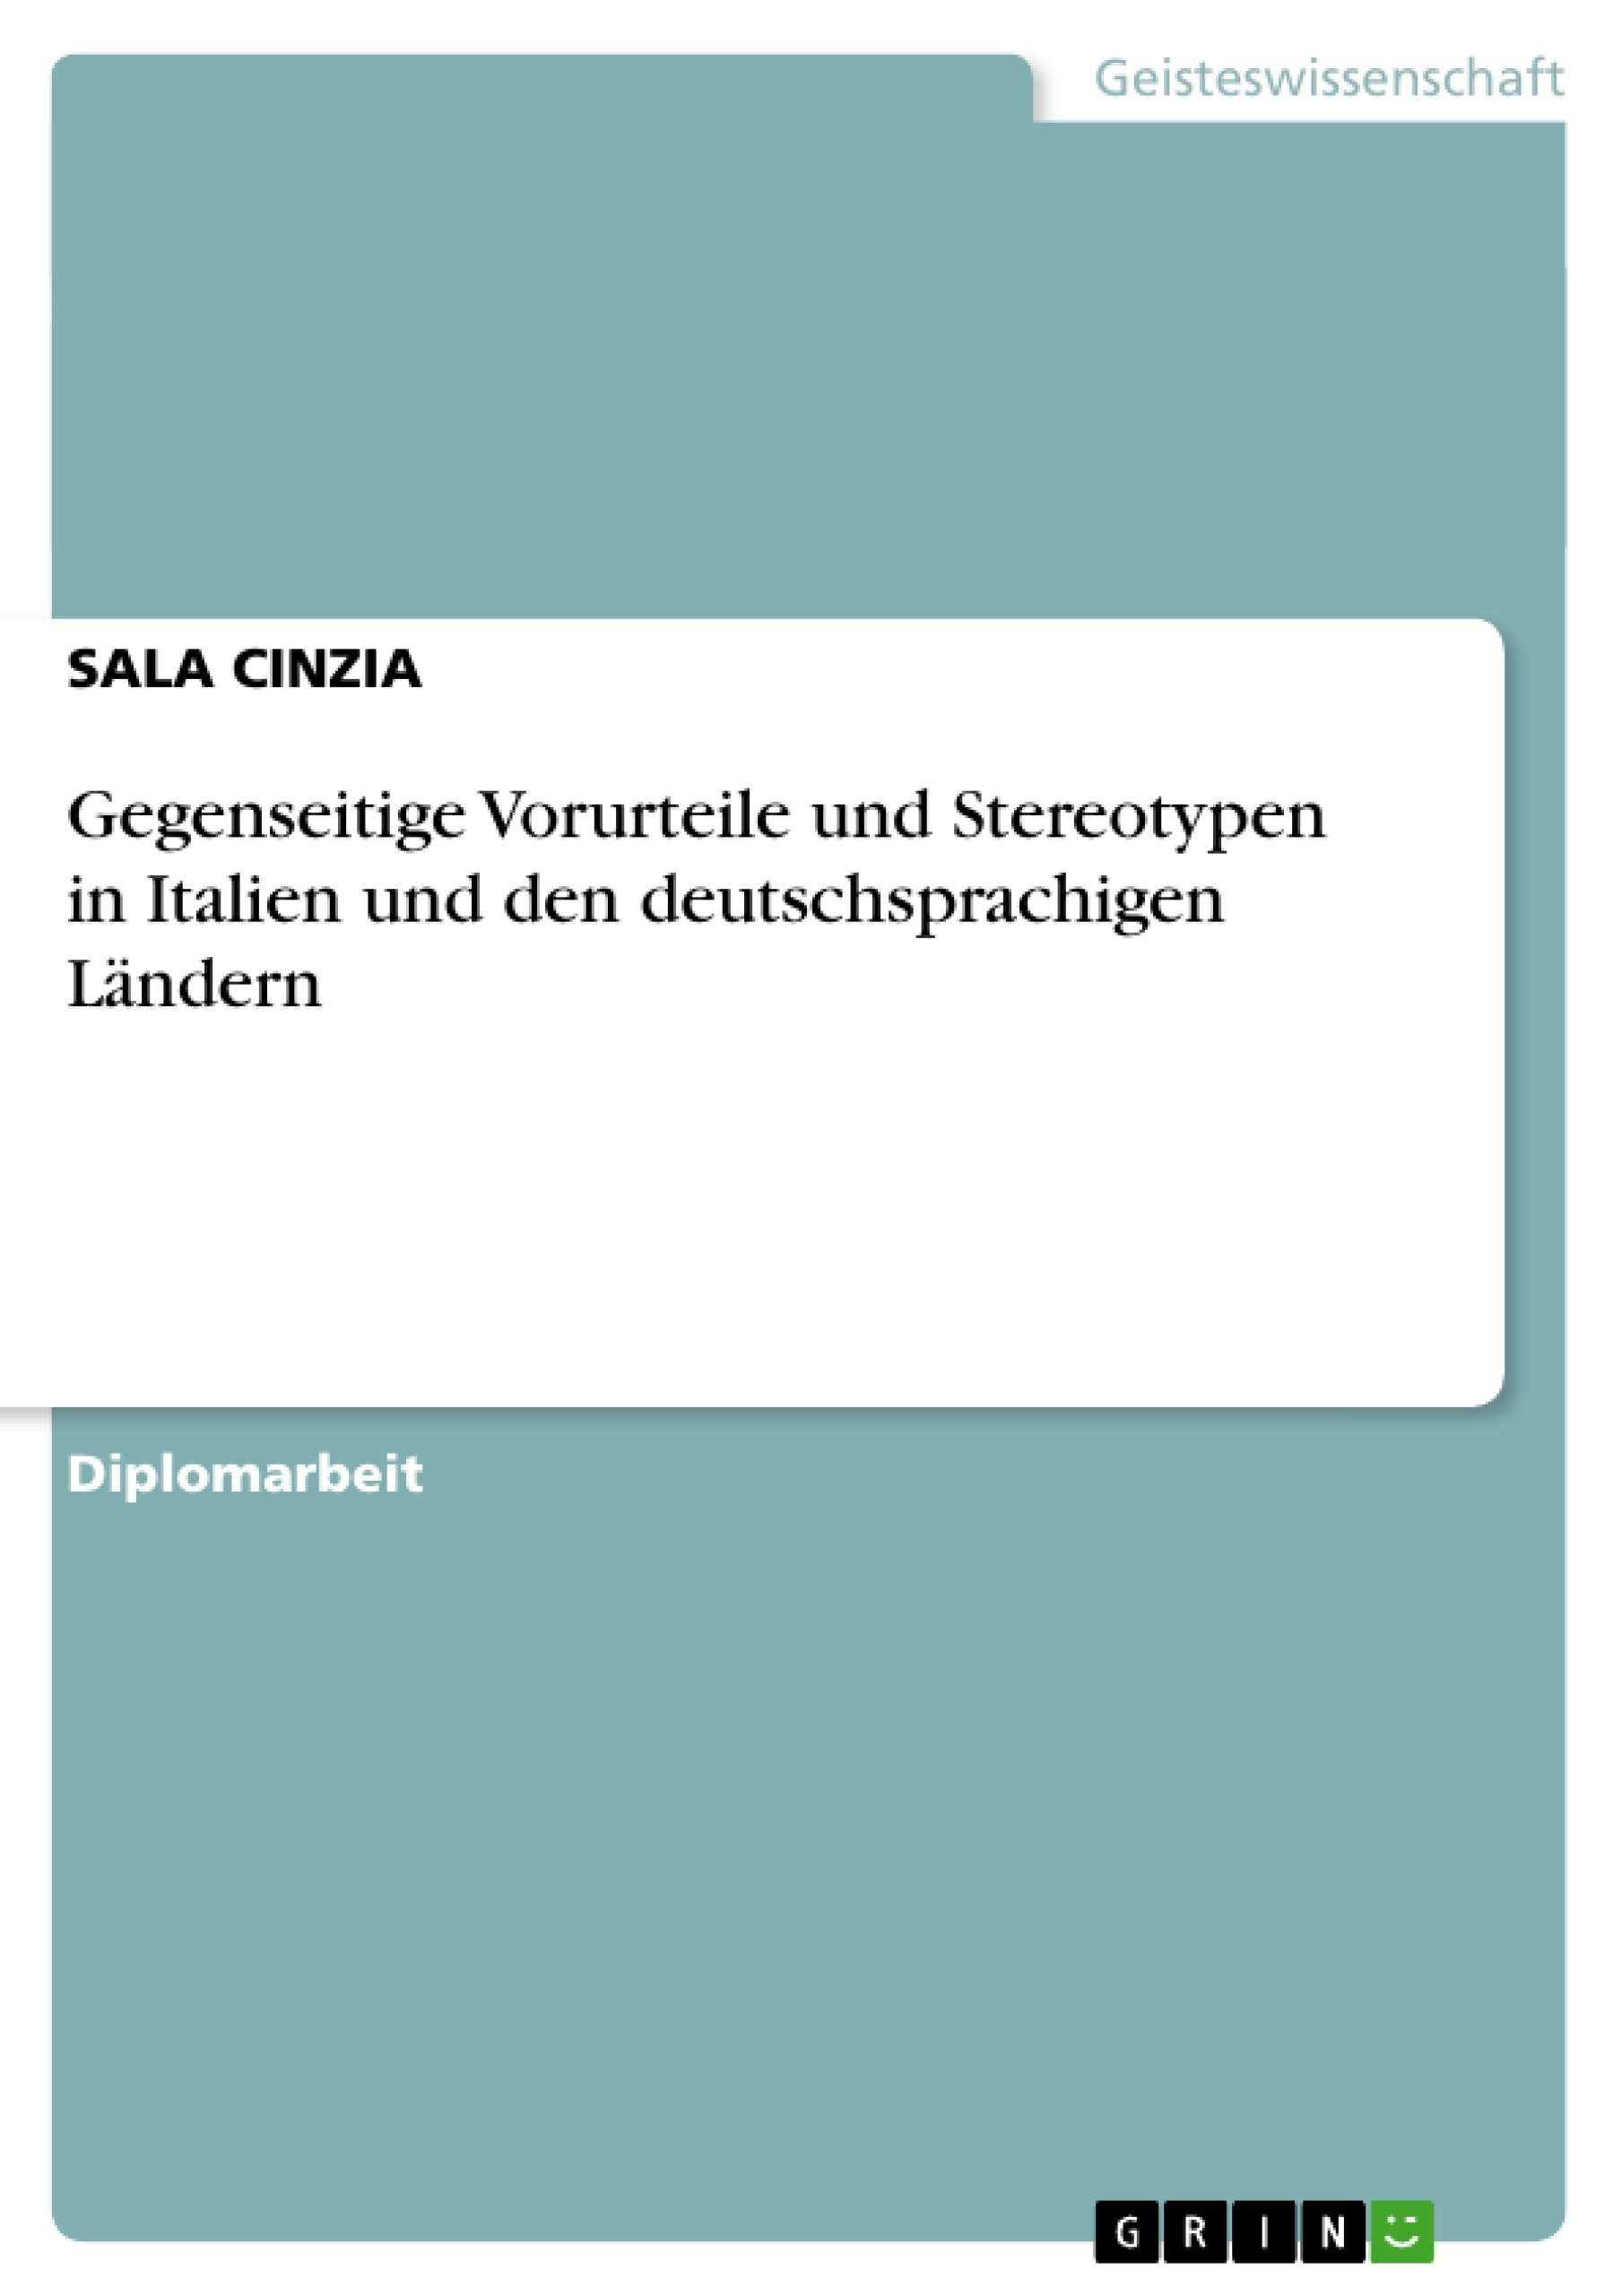 Titel: Gegenseitige Vorurteile und Stereotypen in Italien und den deutschsprachigen Ländern